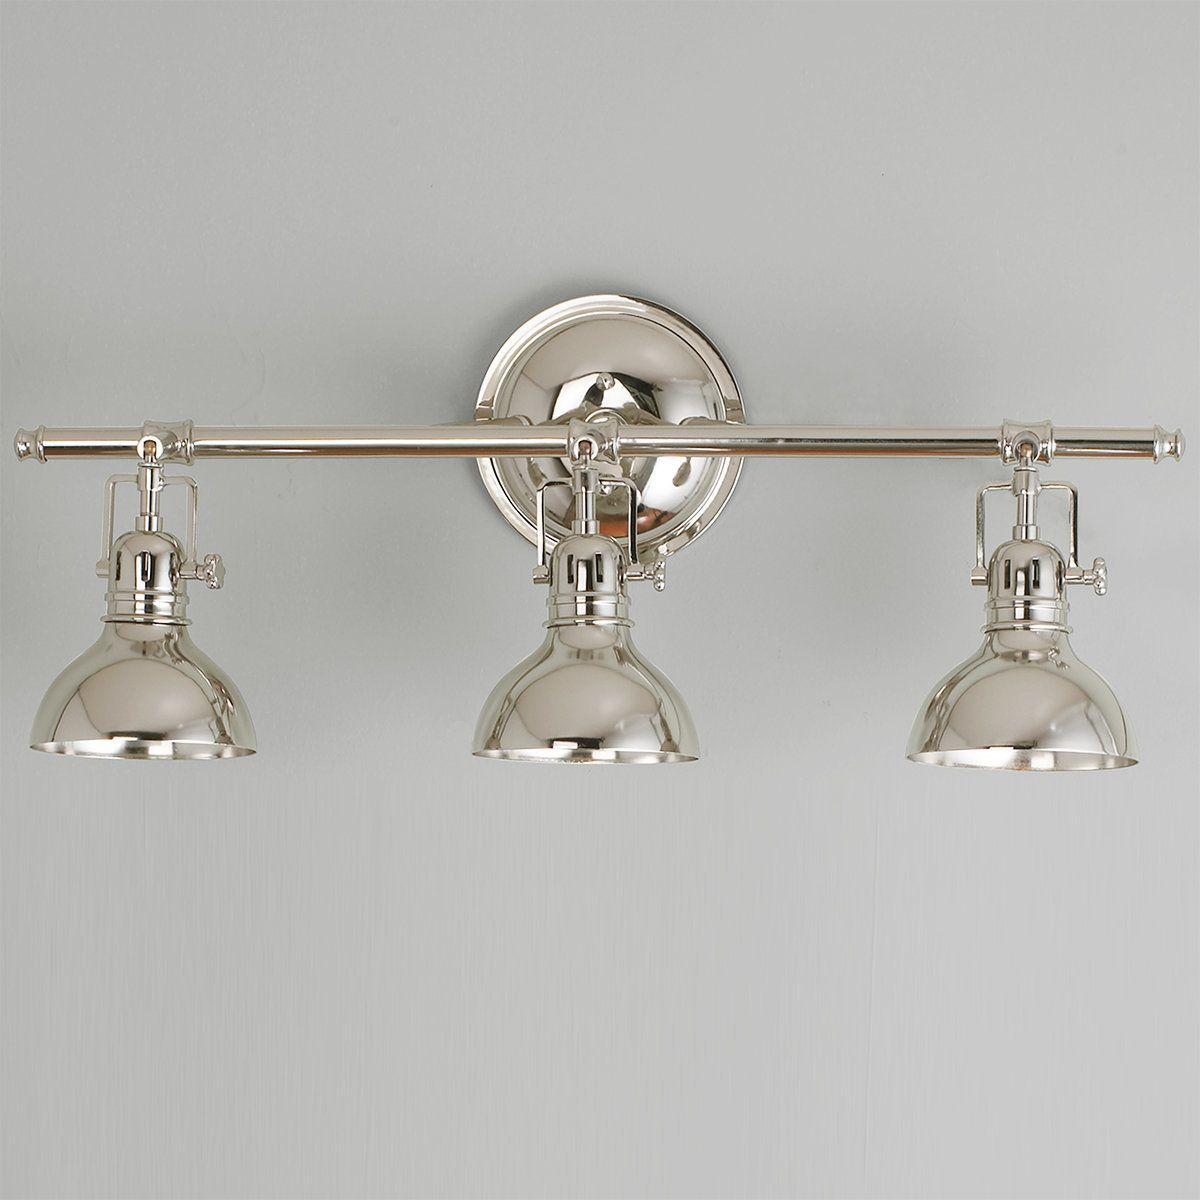 Pullman Bath Light 3 Light Bath Light Bathroom Light Fixtures Bathroom Sconces